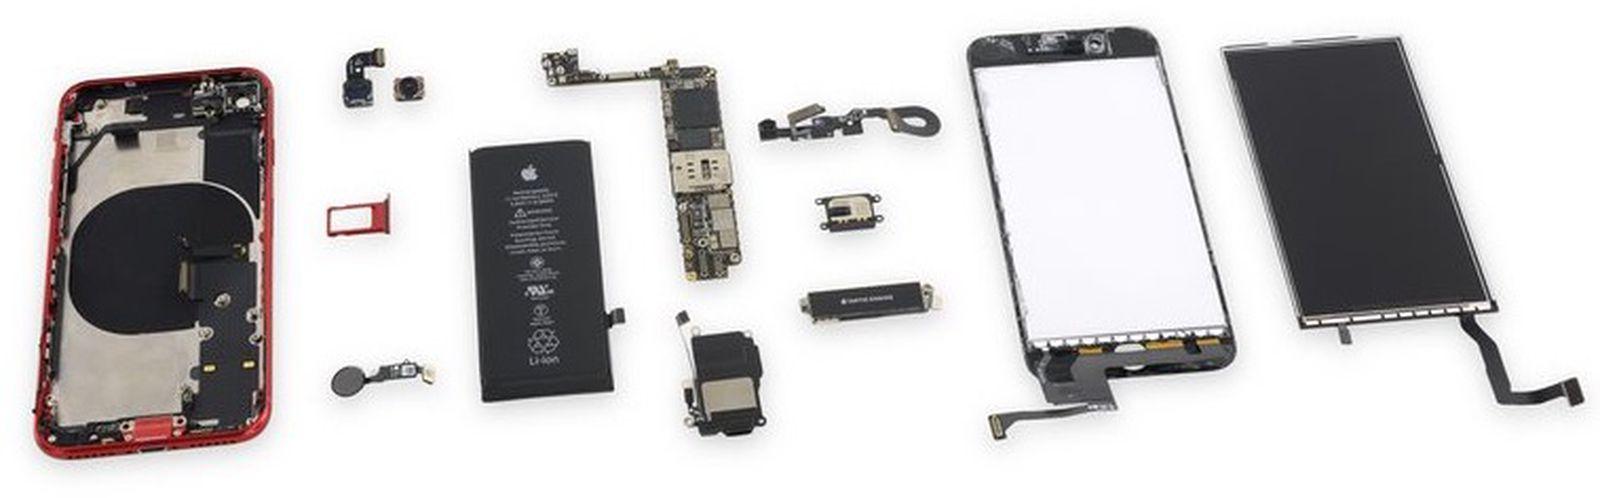 iPhone SE 2020 è il più riparabile degli smartphone Apple